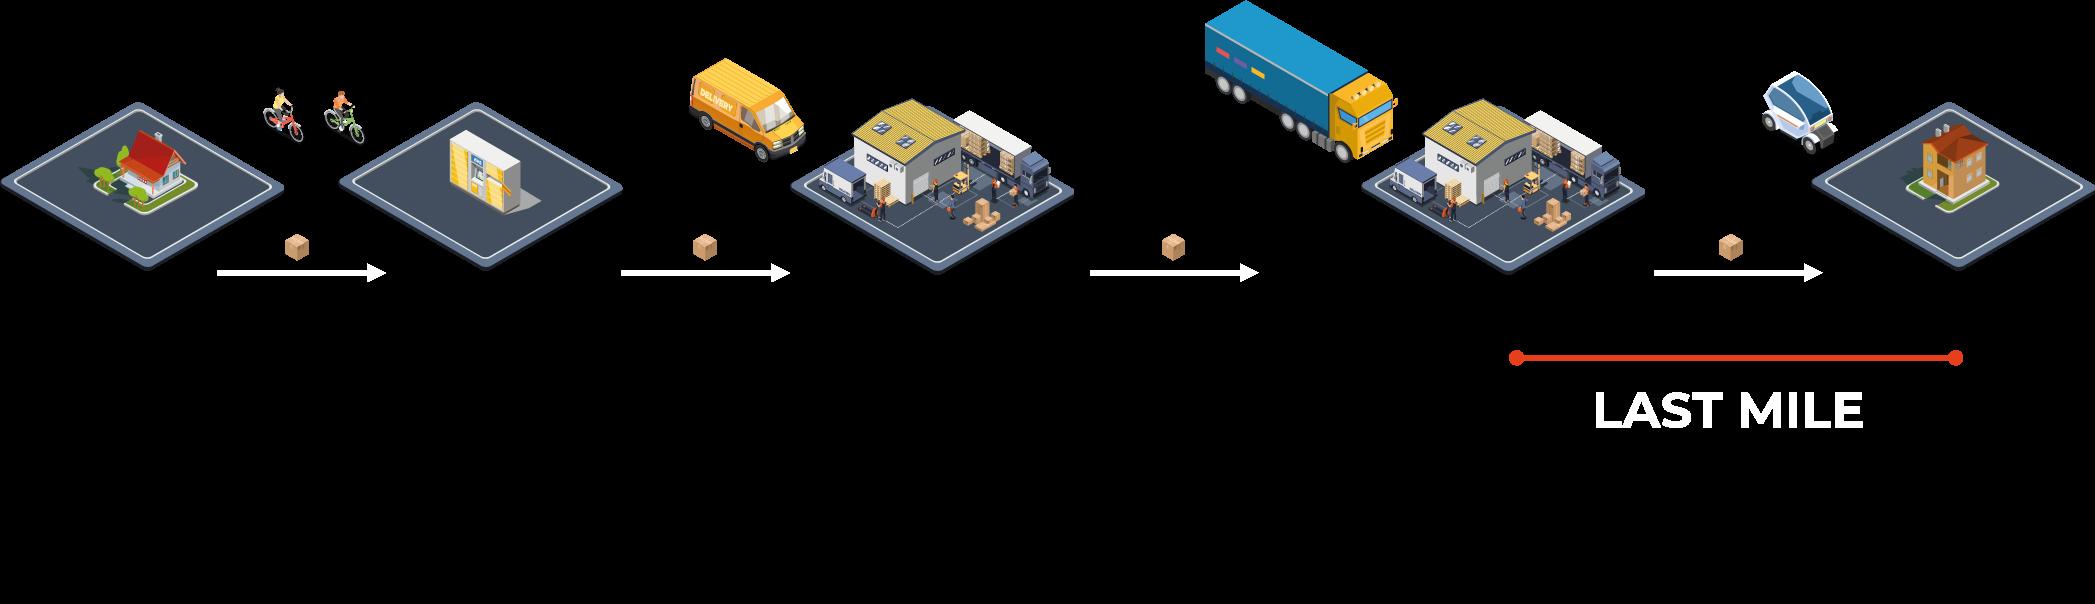 Steps Last Mile Process